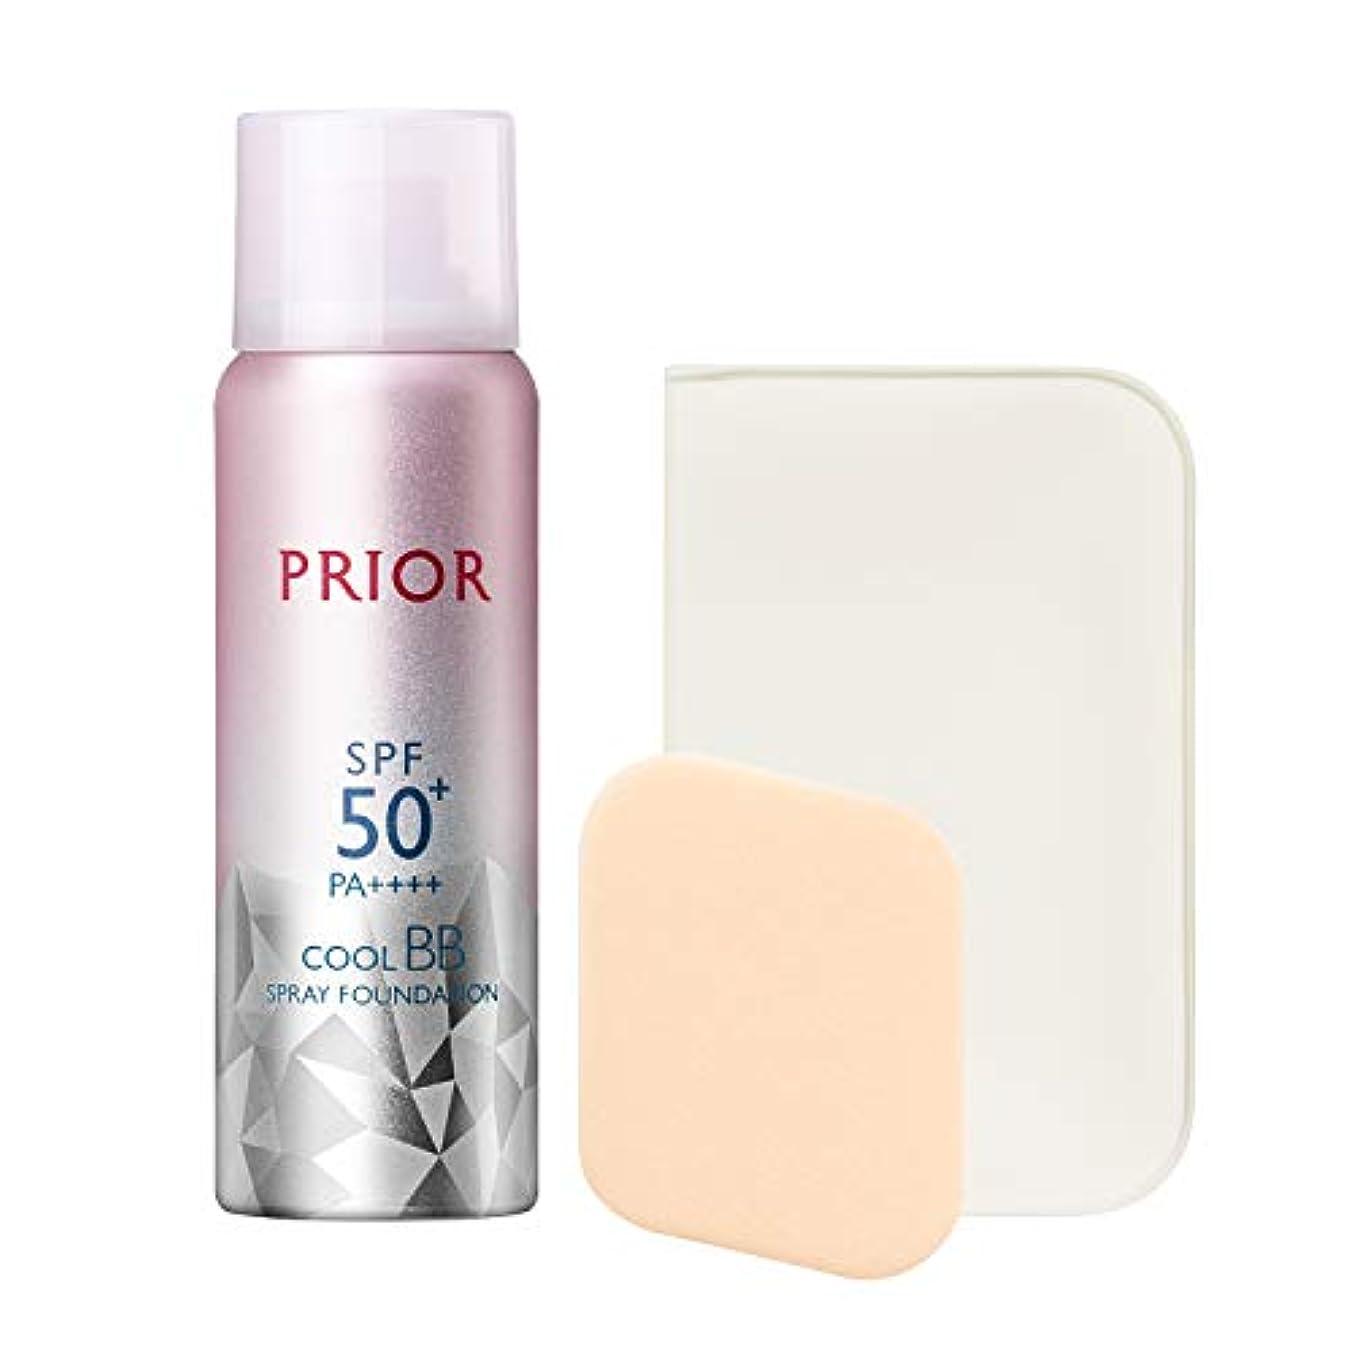 きゅうり収束吐き出すプリオール クール美つやBBスプレー UV 50 c ナチュラル 50g